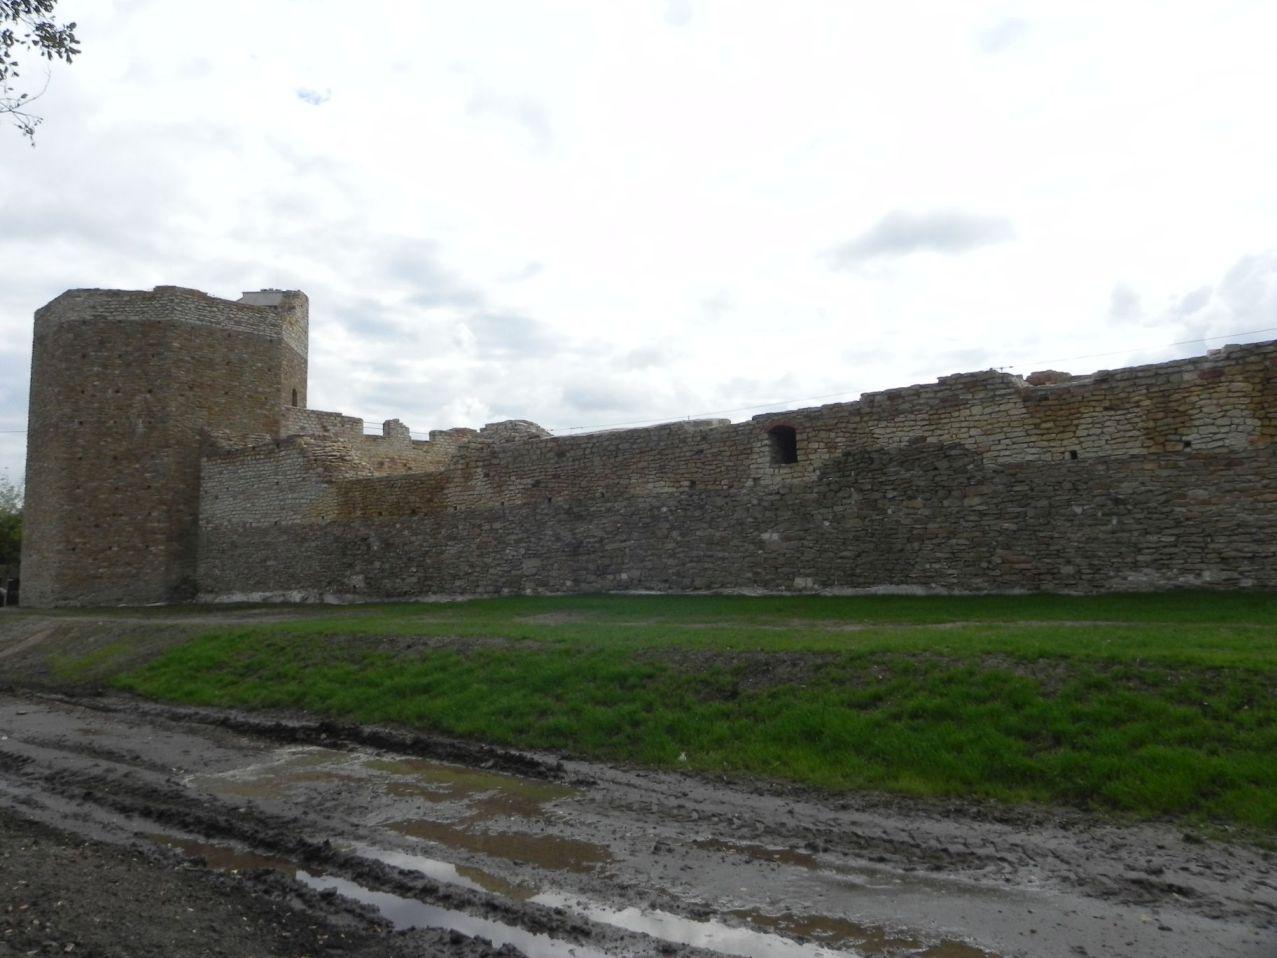 2012-09-16 Inowłódz - Ruiny zamku (33)